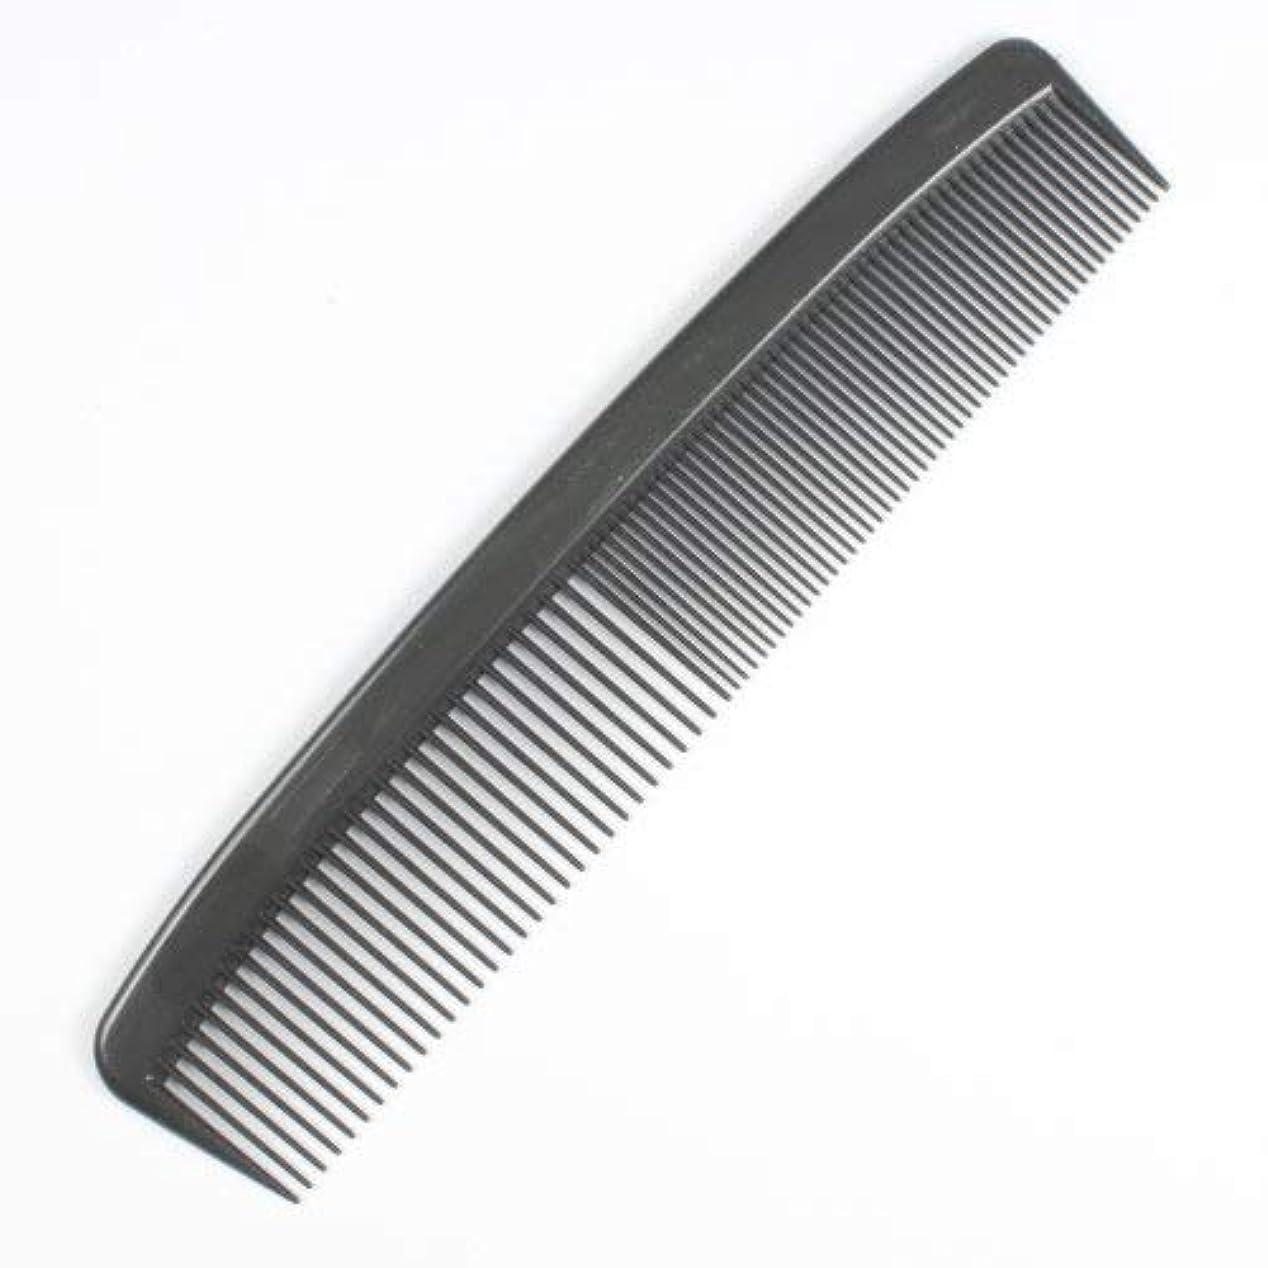 海岸圧縮するチロDynarex Adult Combs, 5 Inches, Black, 240 Count [並行輸入品]